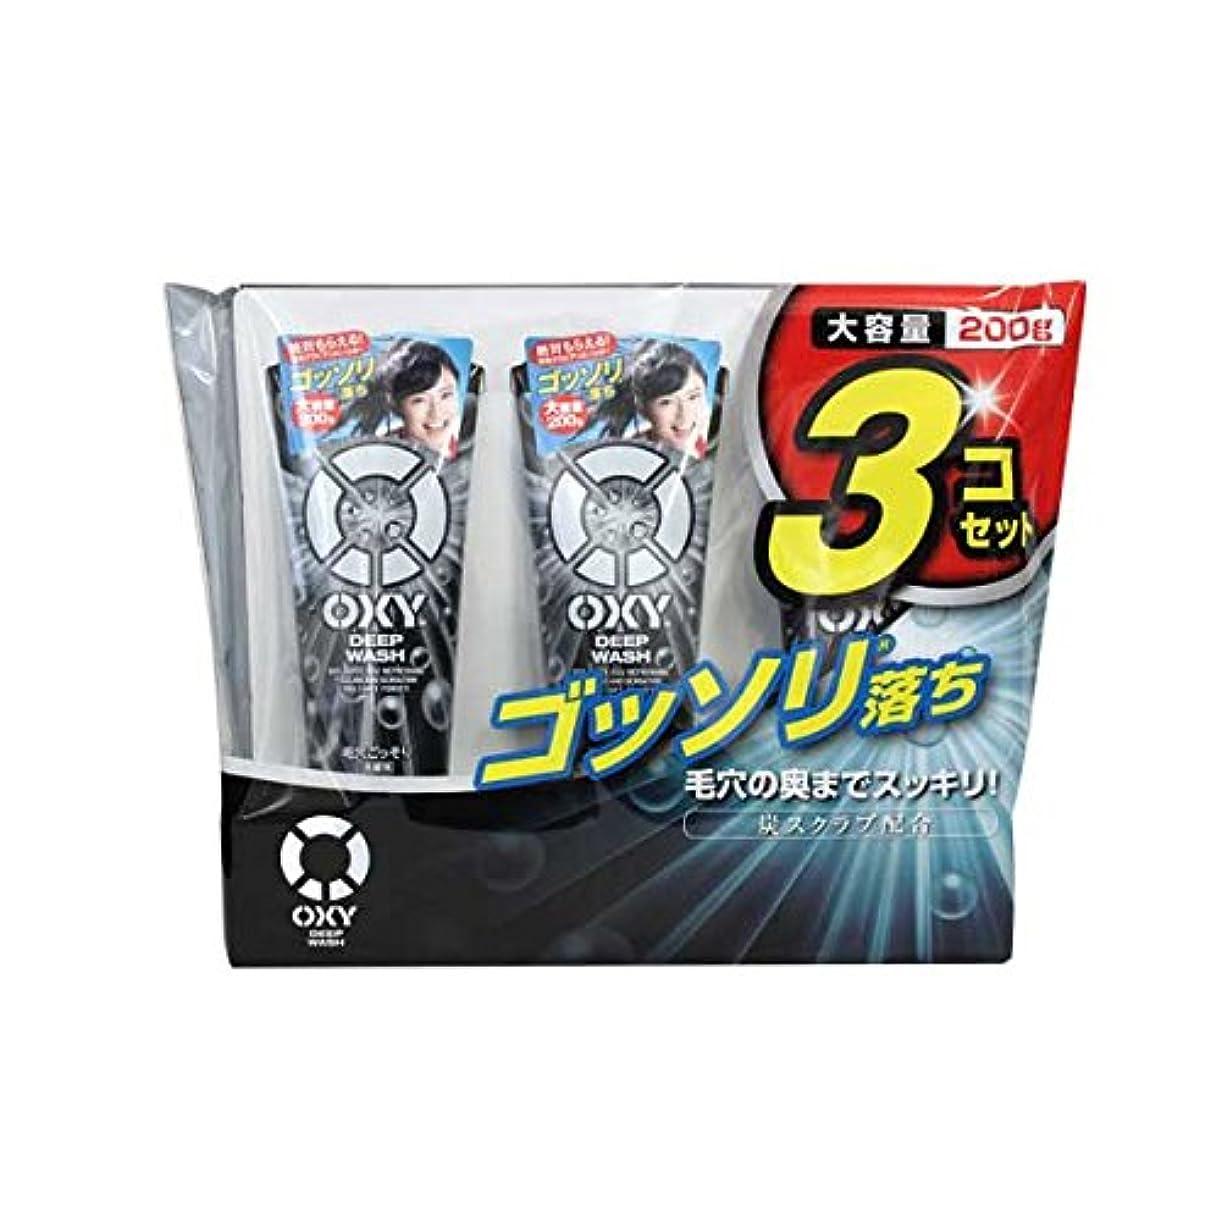 ささやき細分化する警告するOXY 炭スクラブ洗顔料 大容量 200gx3本